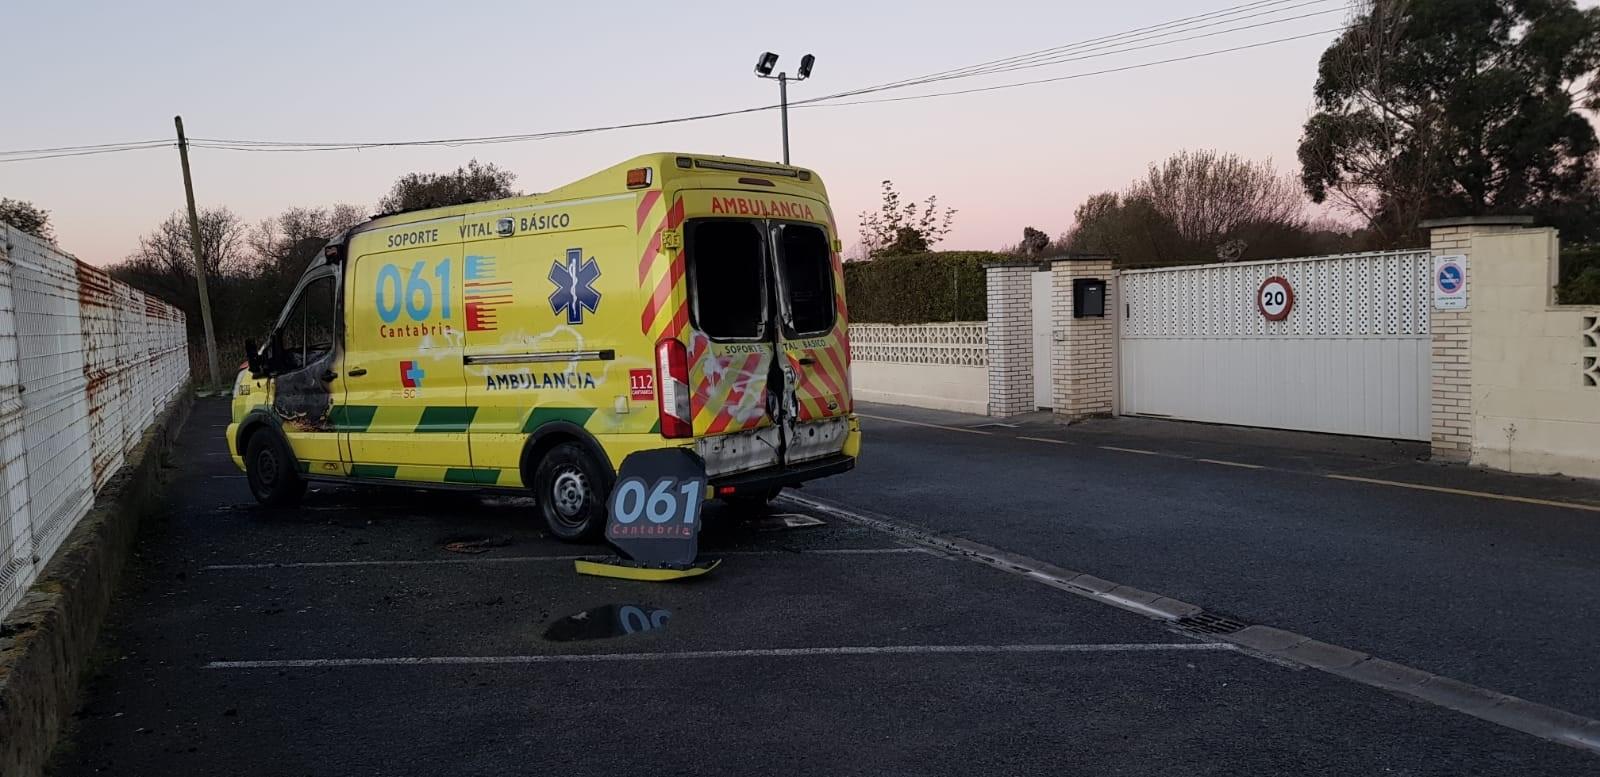 Ambuibérica denuncia la quema de una ambulancia en Laredo esta pasada noche